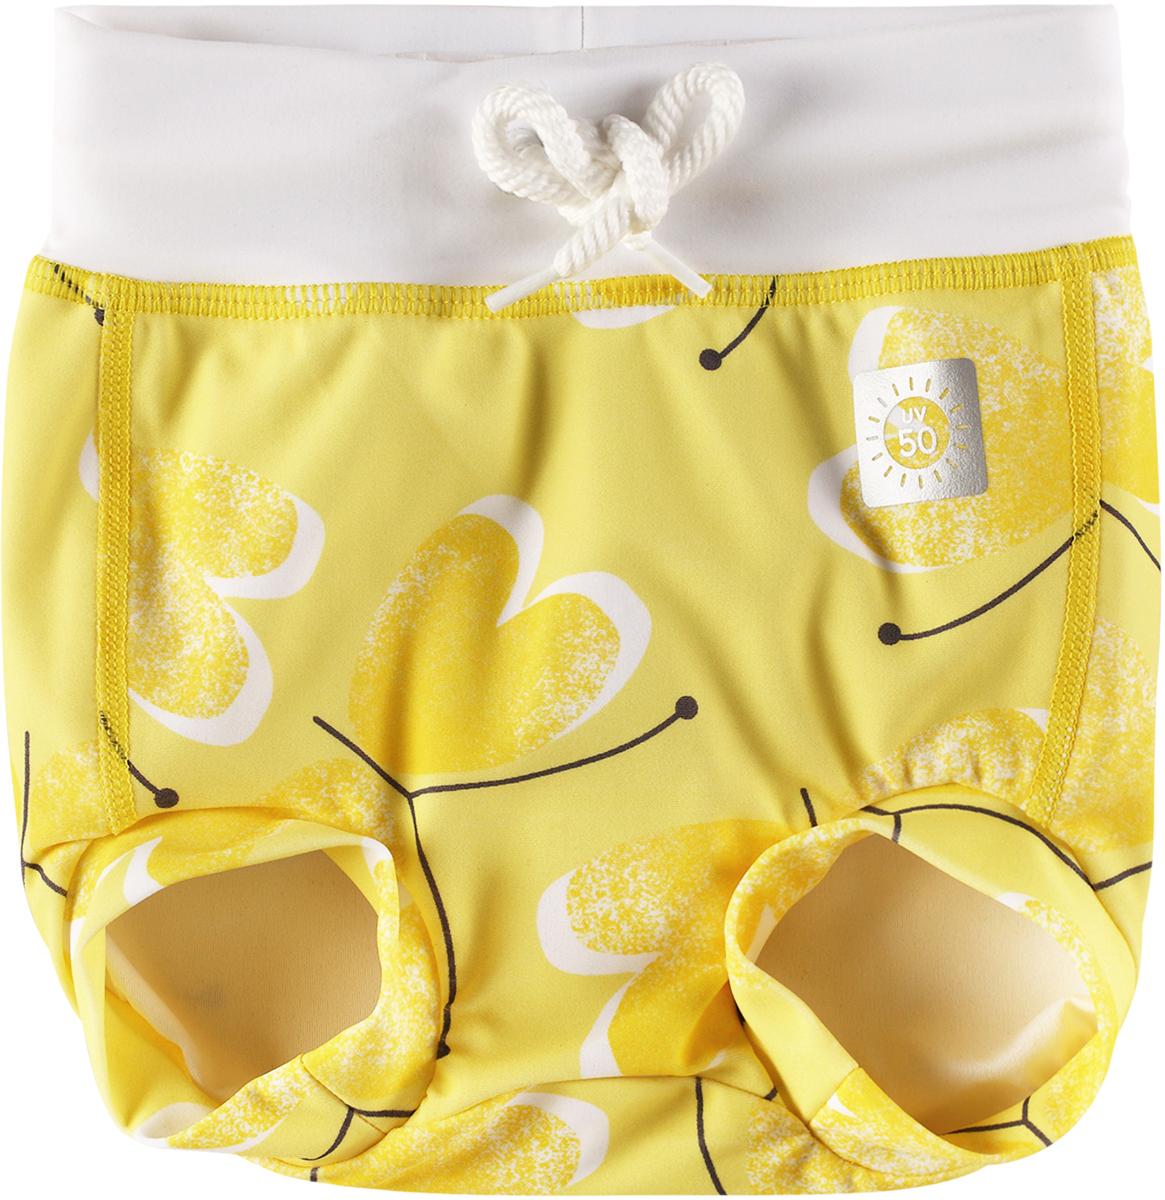 Купальные плавки детские Reima Belize, цвет: желтый. 5163342333. Размер 86 guatemala belize 1 500 000